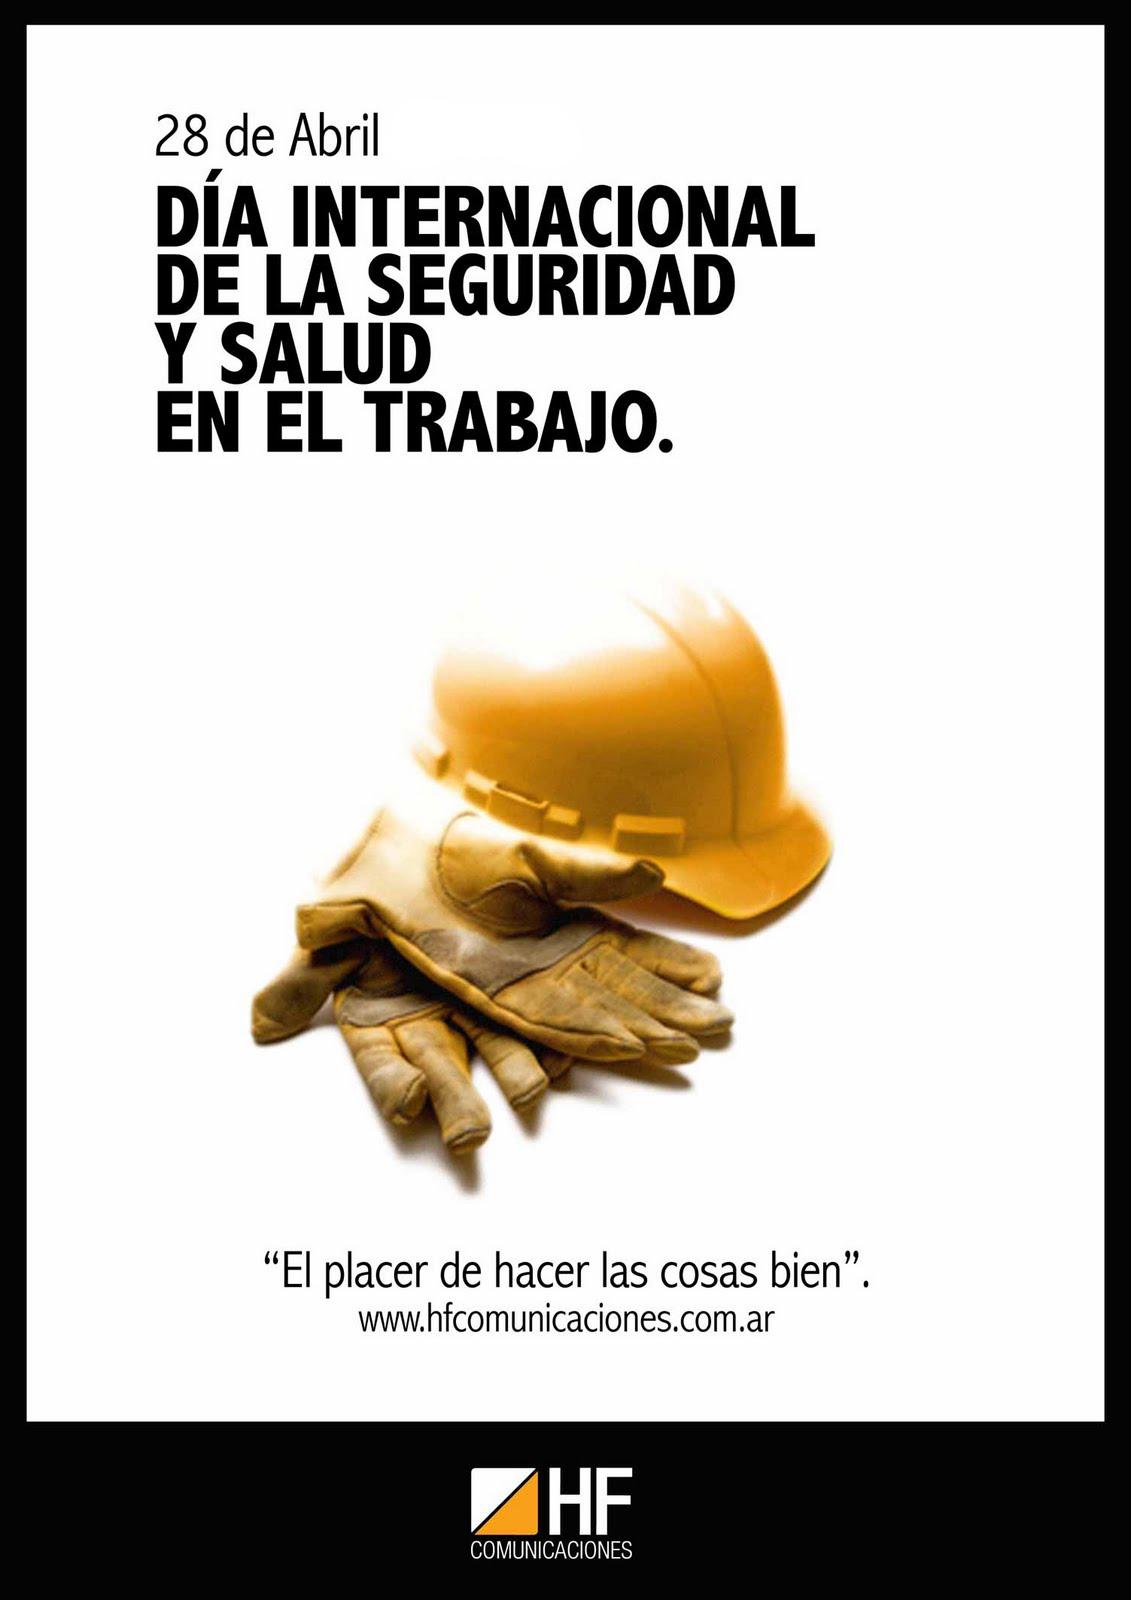 Día Mundial de la Seguridad y Salud en el Trabajo - 28 de Abril